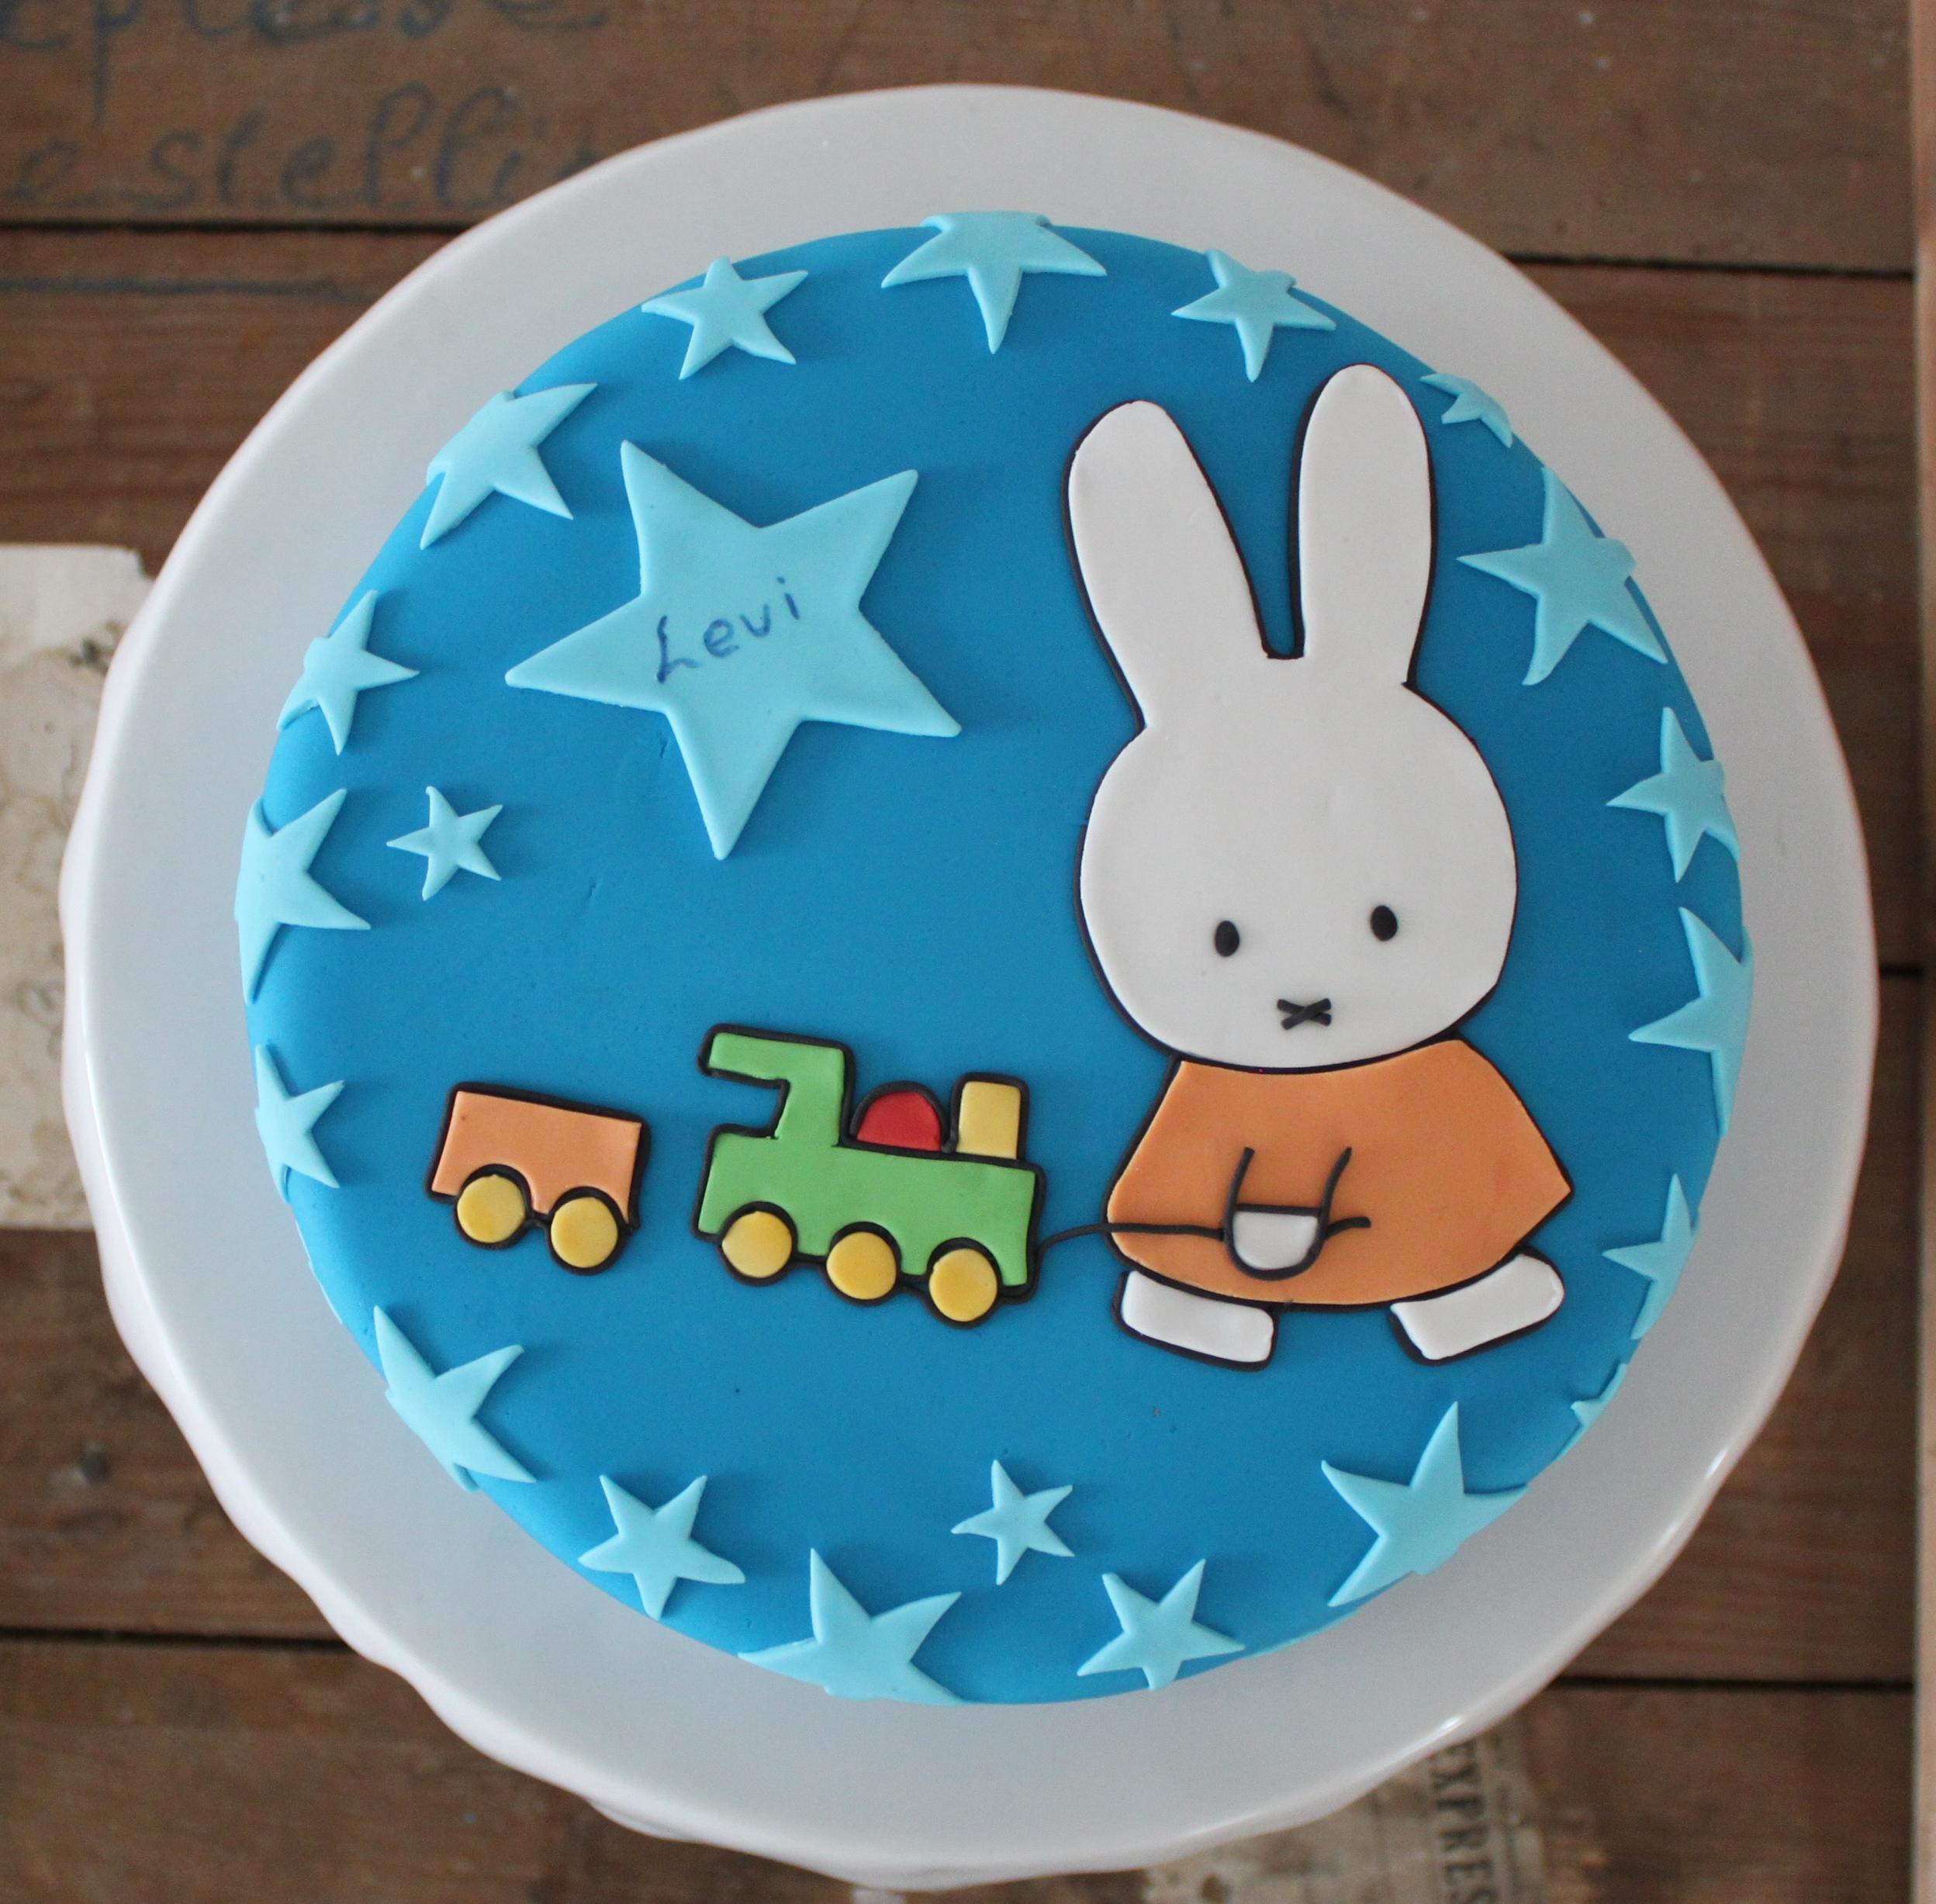 nijntje taart maken Je silhouette gebruiken voor taart – puzzelplaatjes – CreatiefDuo nijntje taart maken